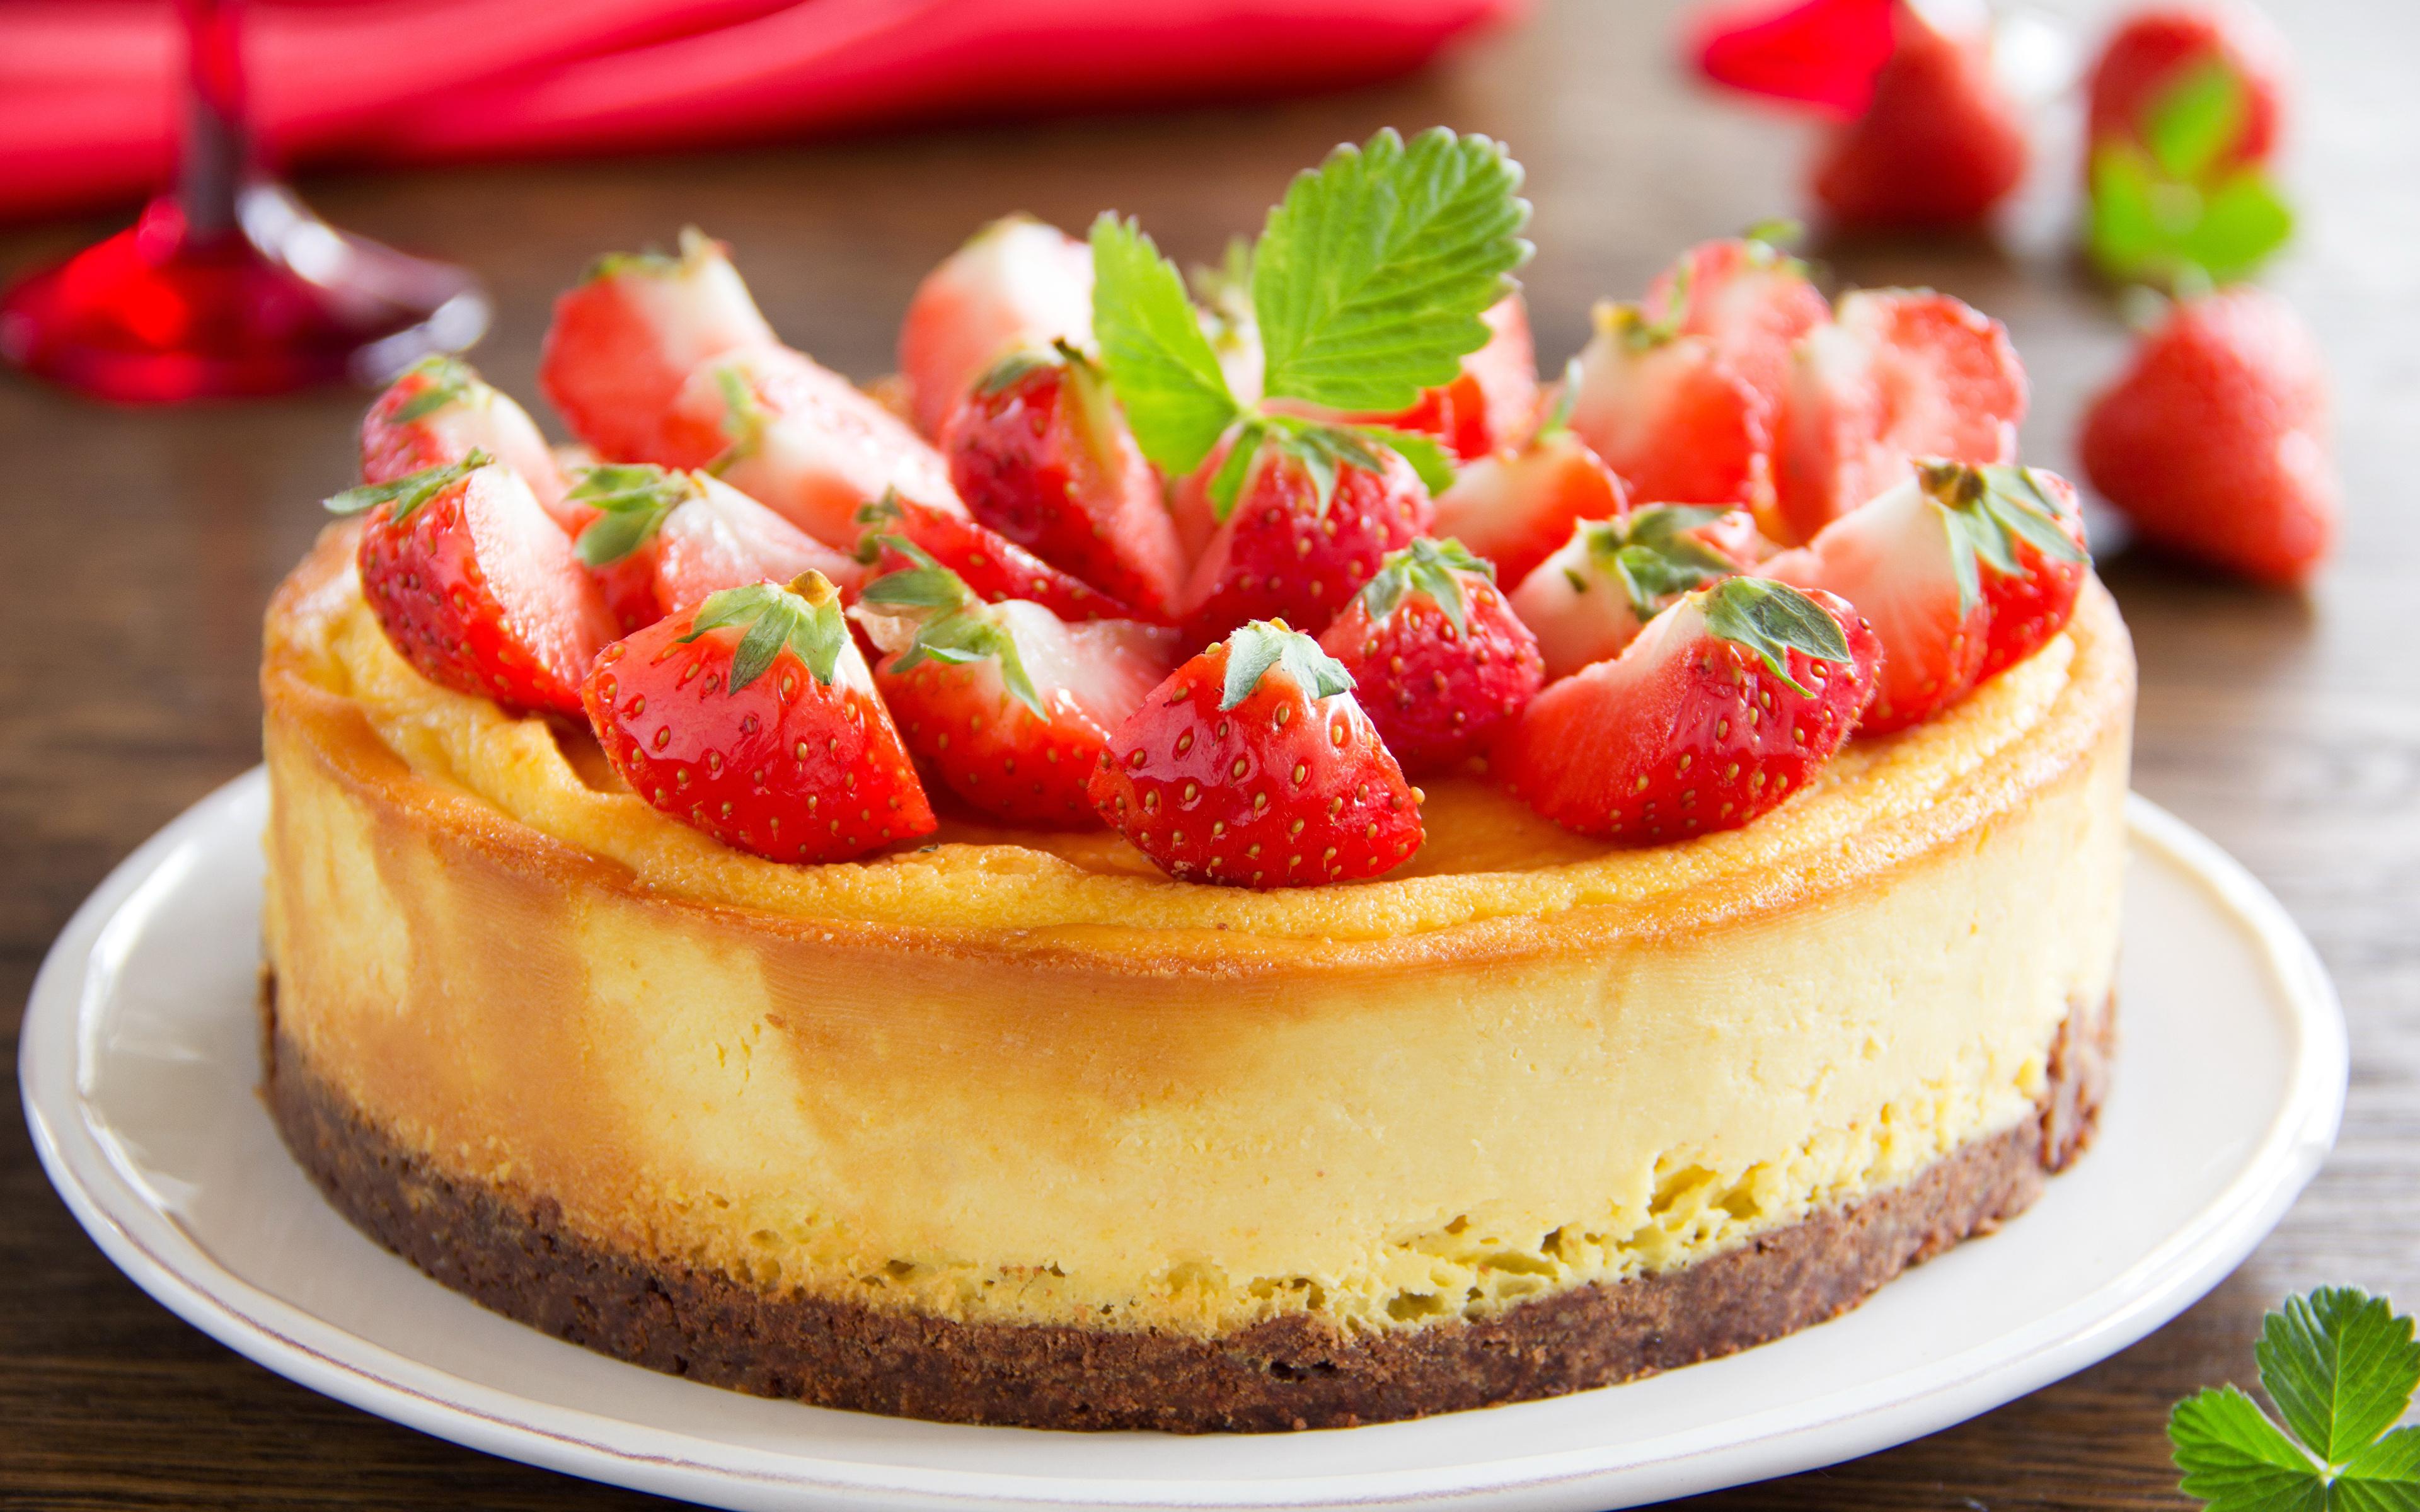 Пирог торт  № 2127562 загрузить